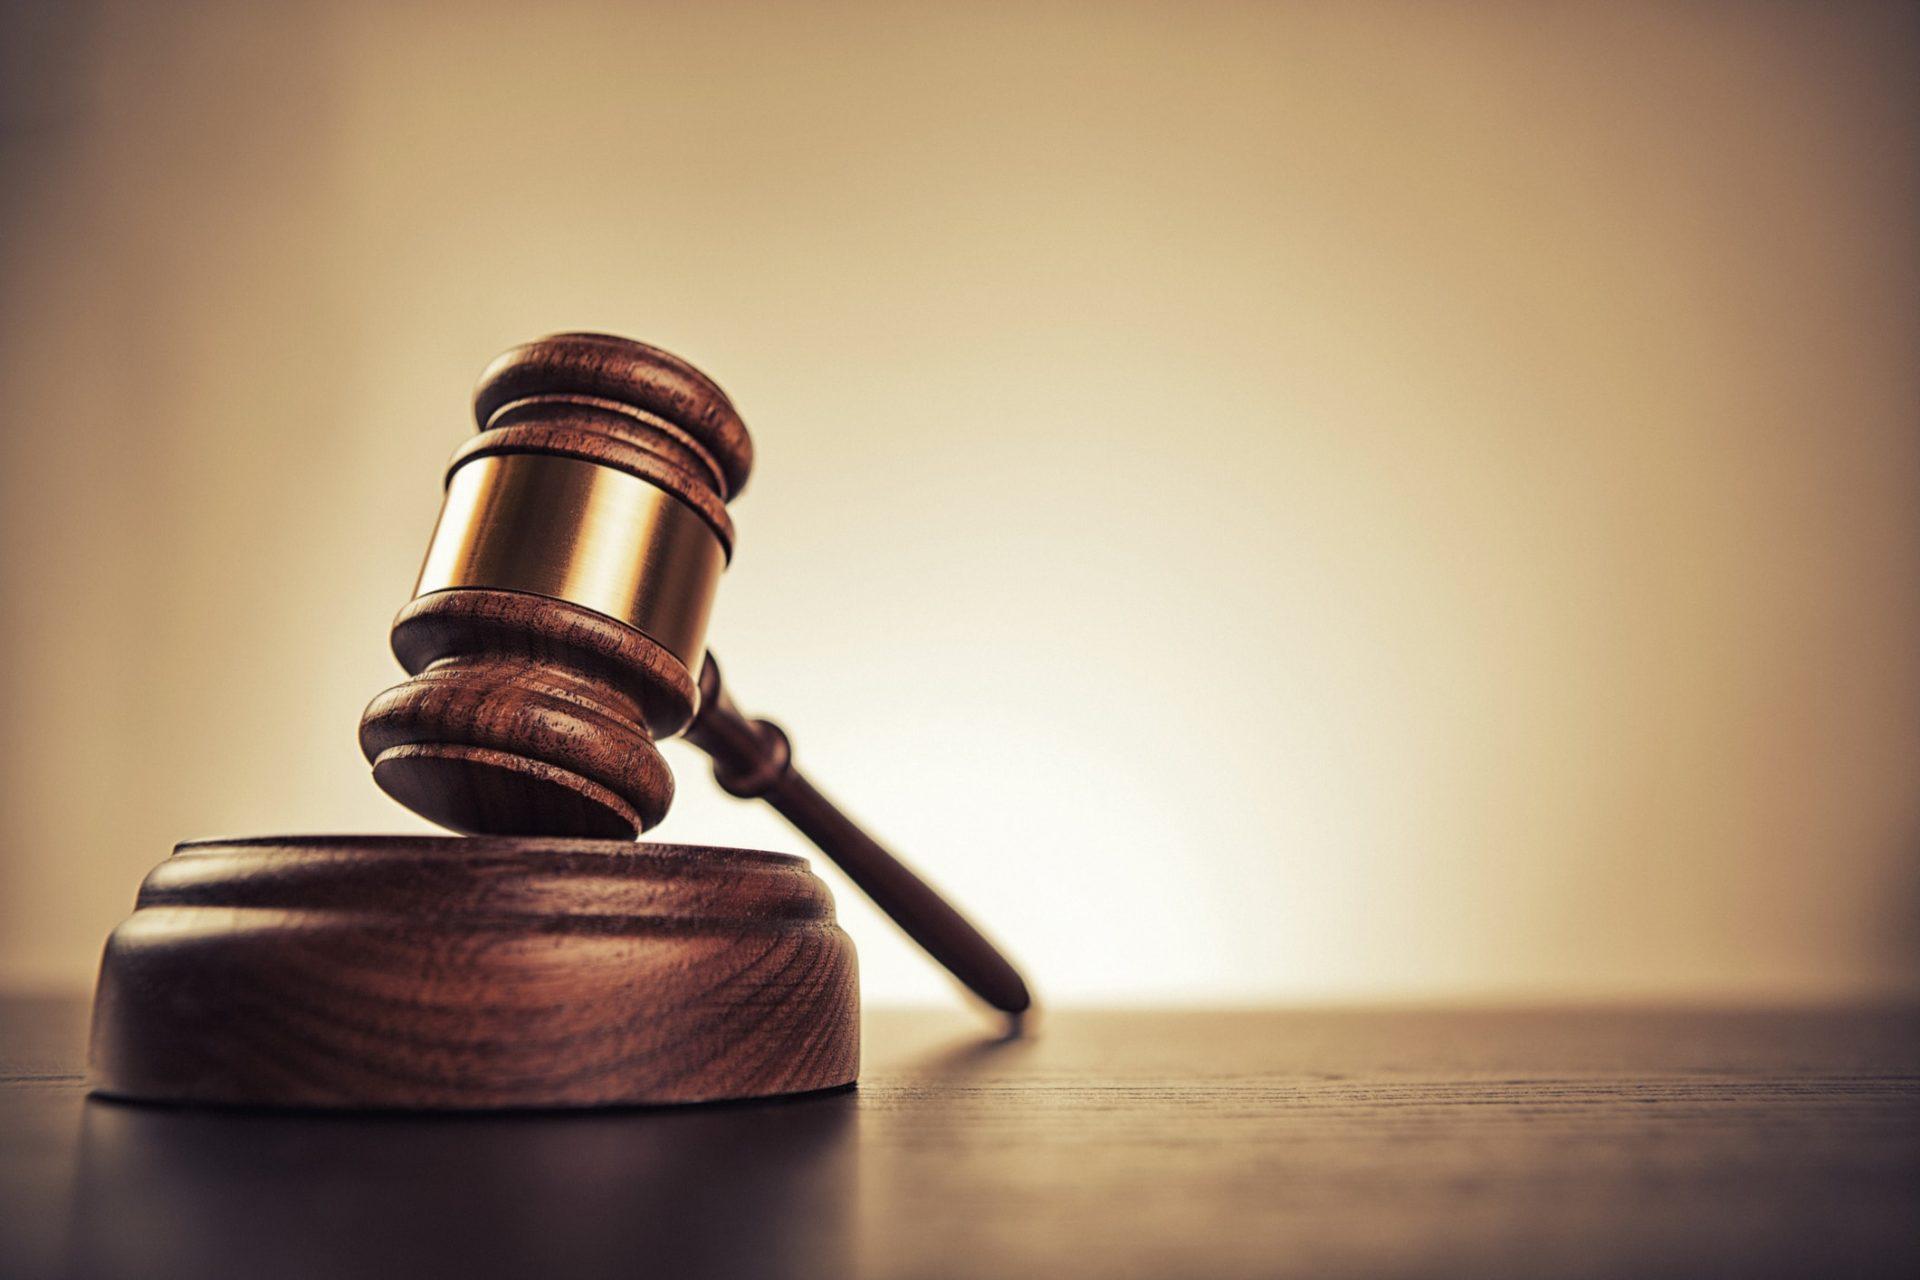 fiscalidad jugzado litigio judicial recurso bbva